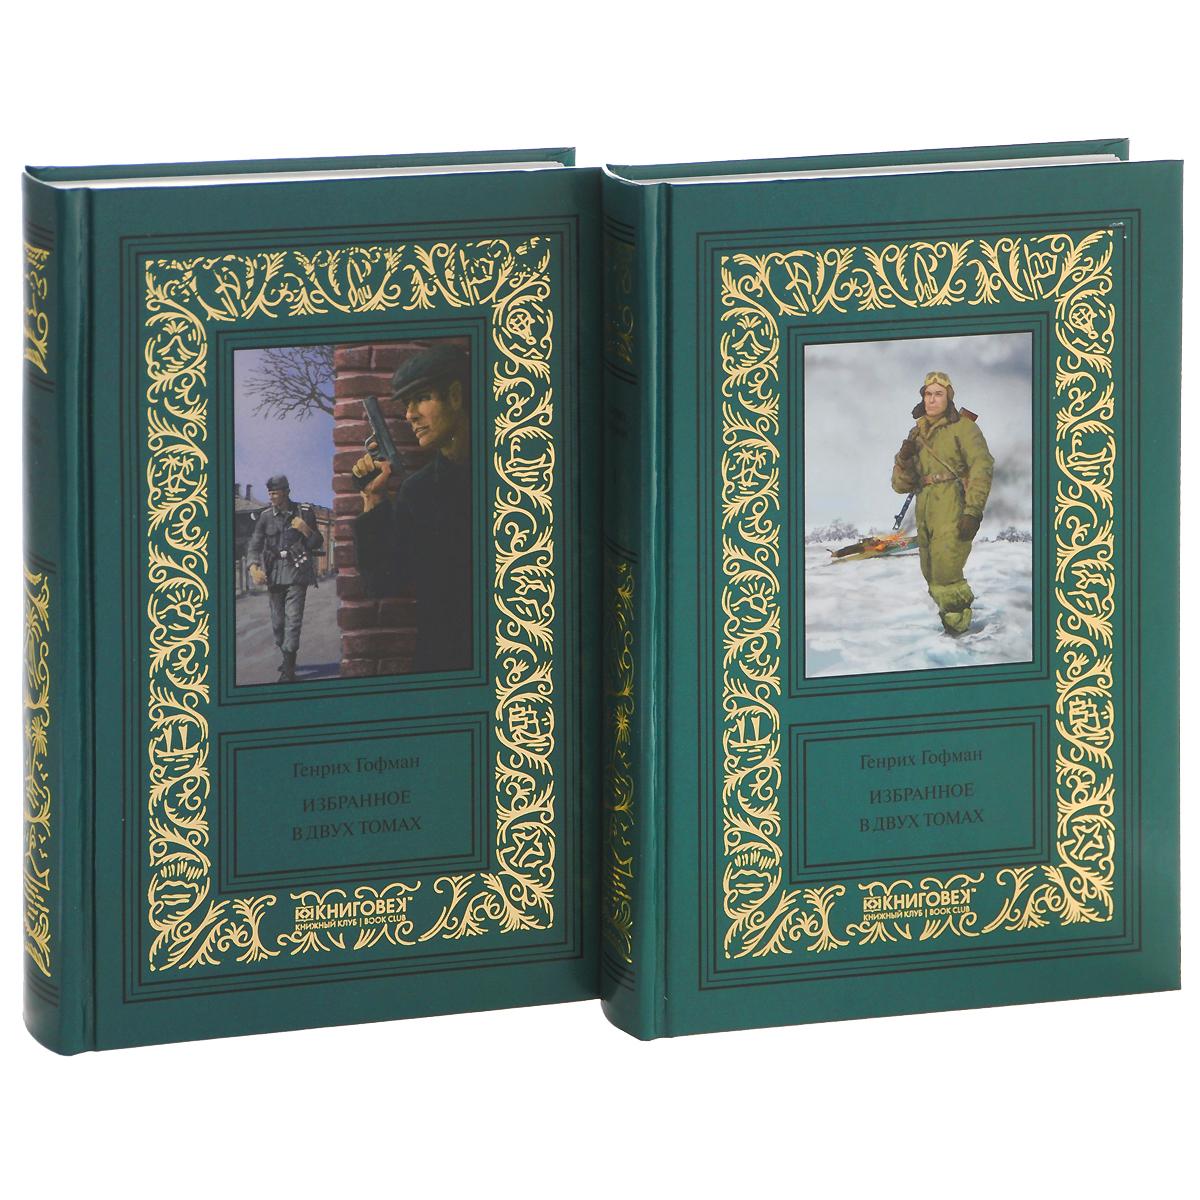 Генрих Гофман. Избранное. В 2 томах (комплект), Генрих Гофман